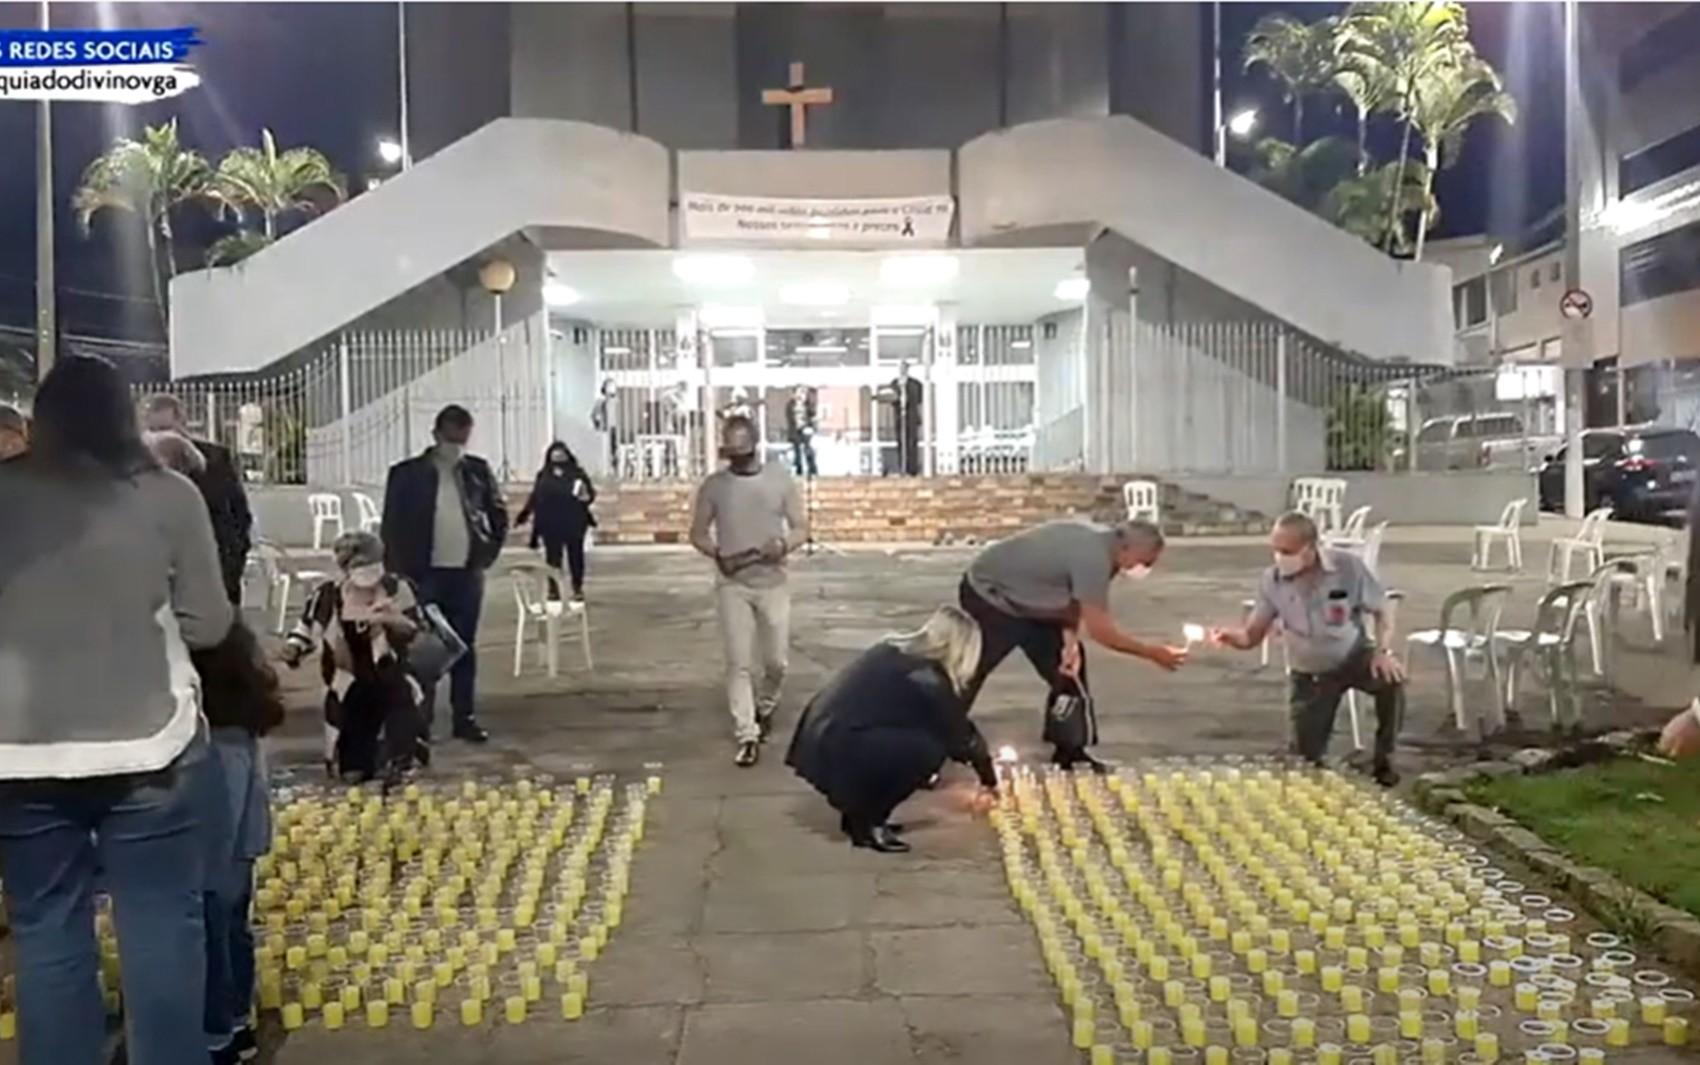 Igreja de Varginha faz celebração e acende velas em homenagem aos 500 mil mortos pela Covid-19 no Brasil